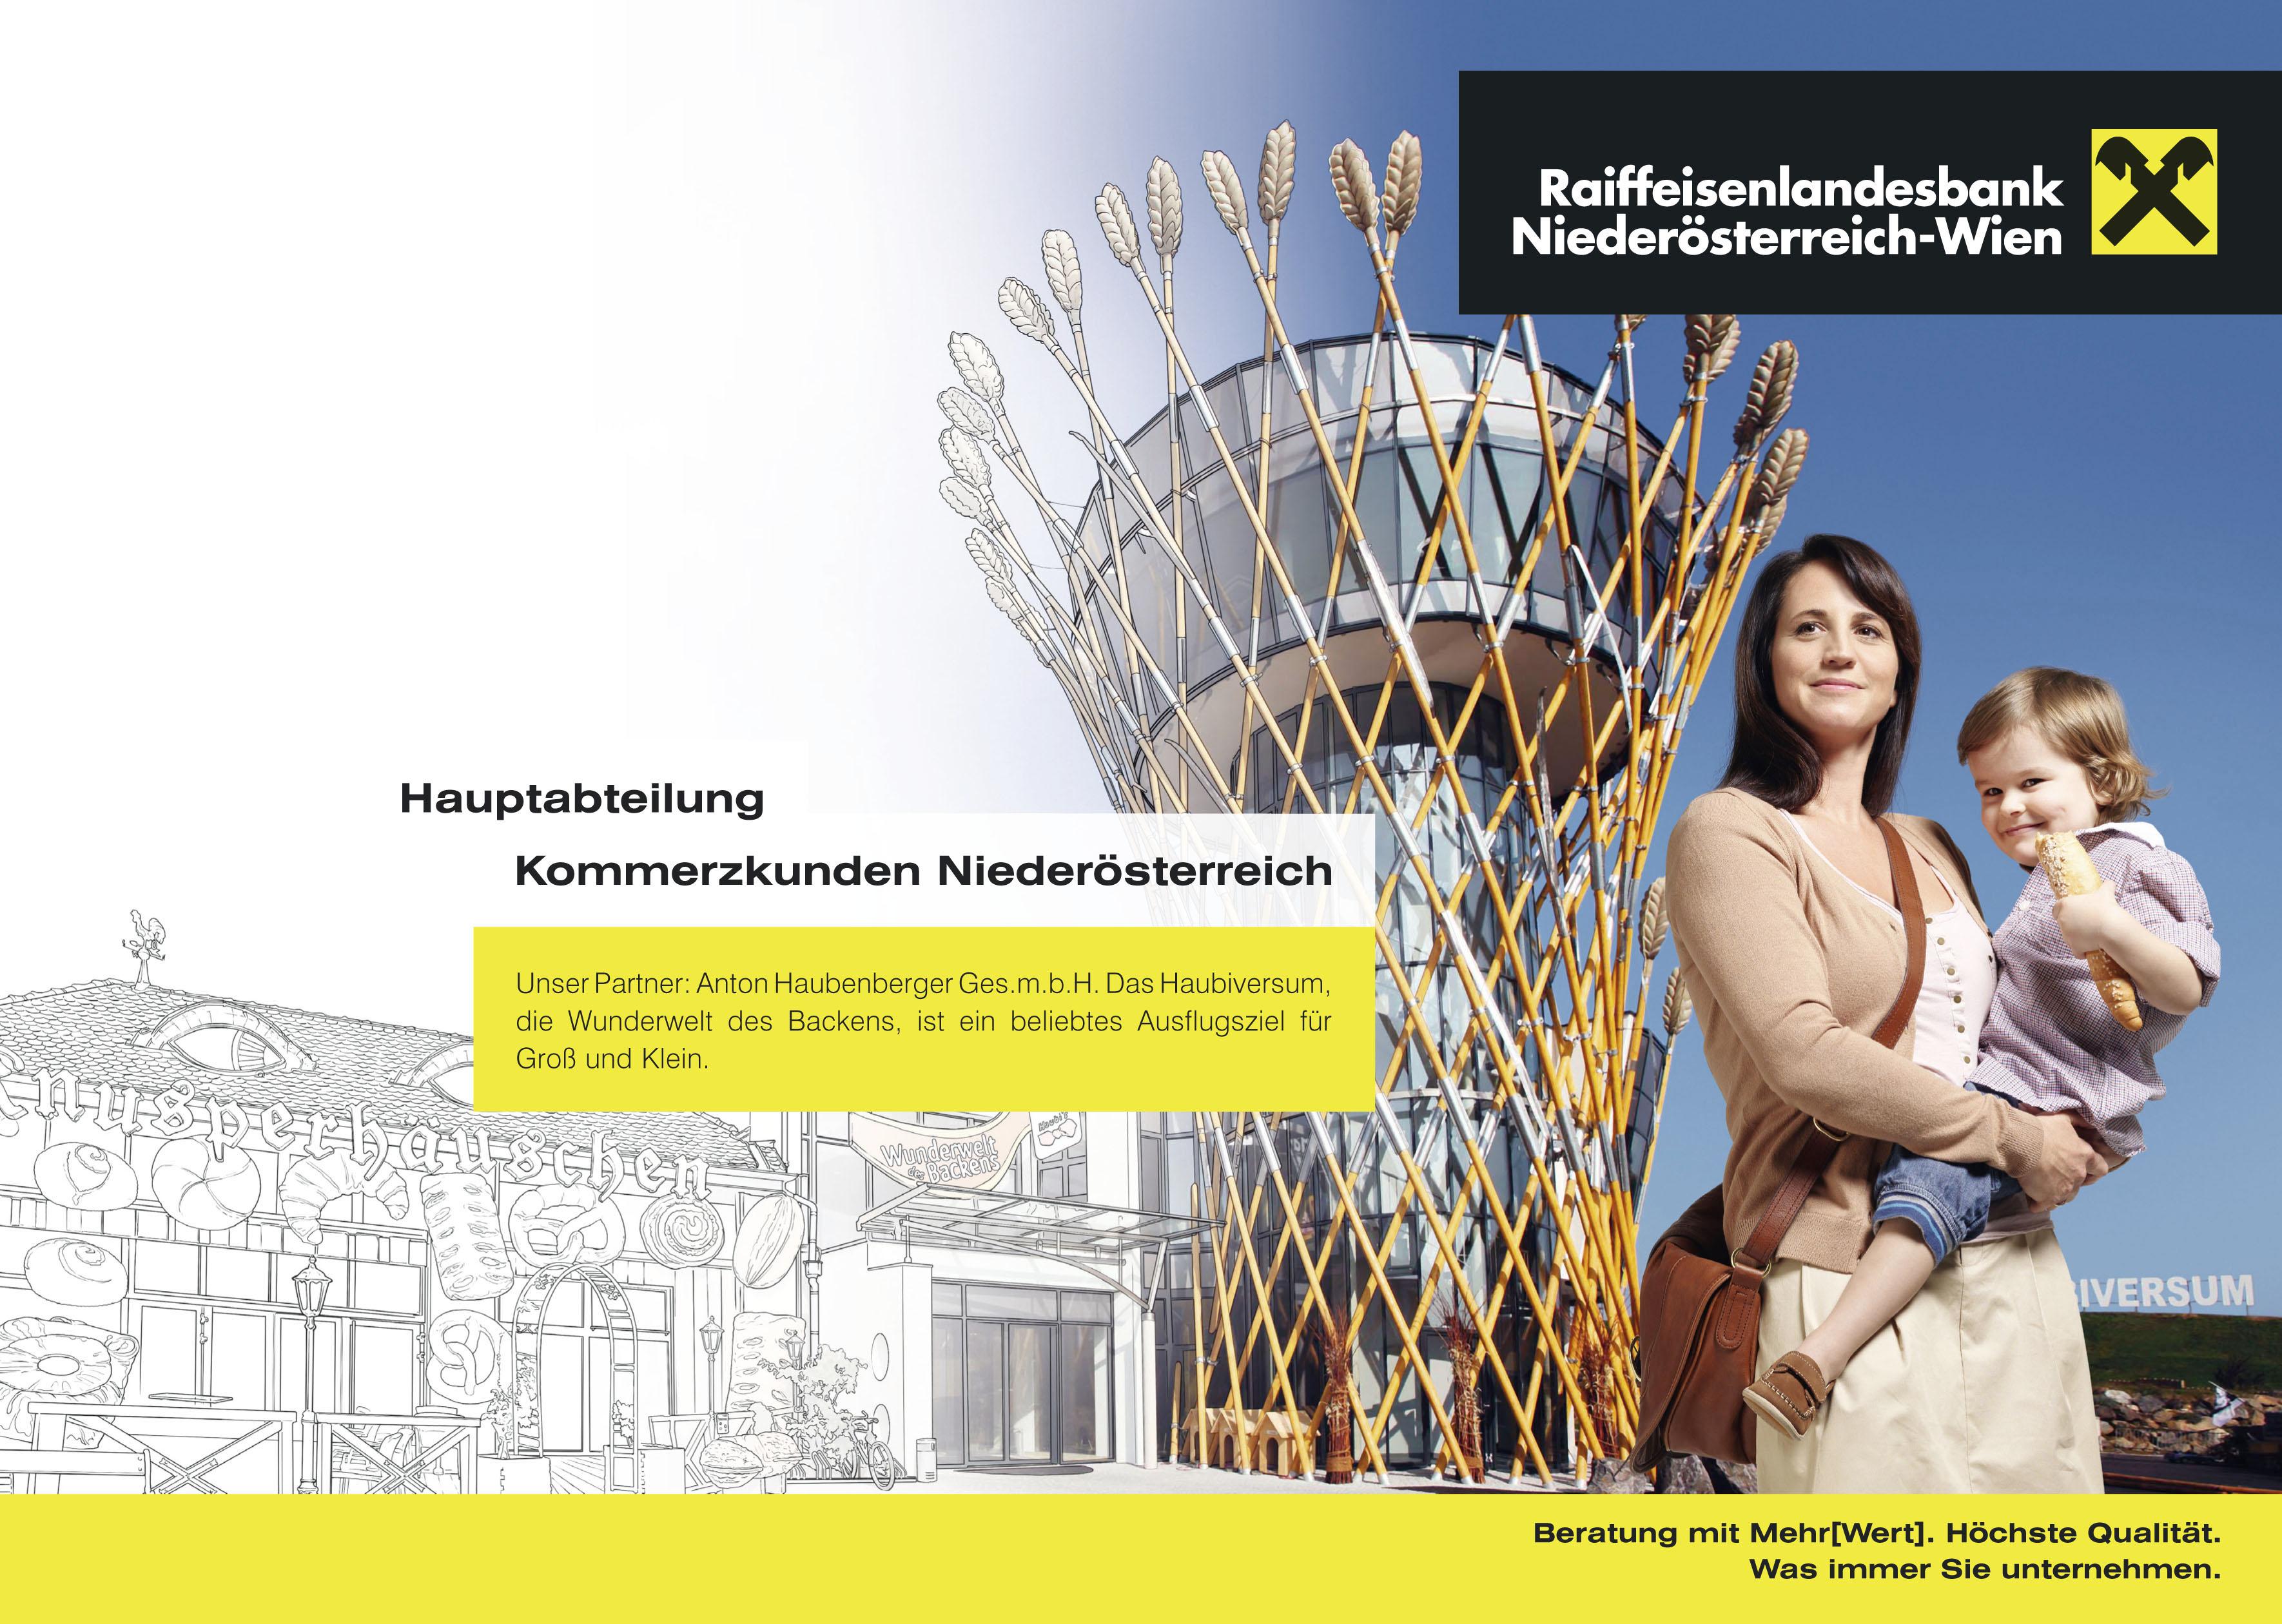 04_10_05_KOM_Abteilungsfolder_Niederösterreich_RZ.indd